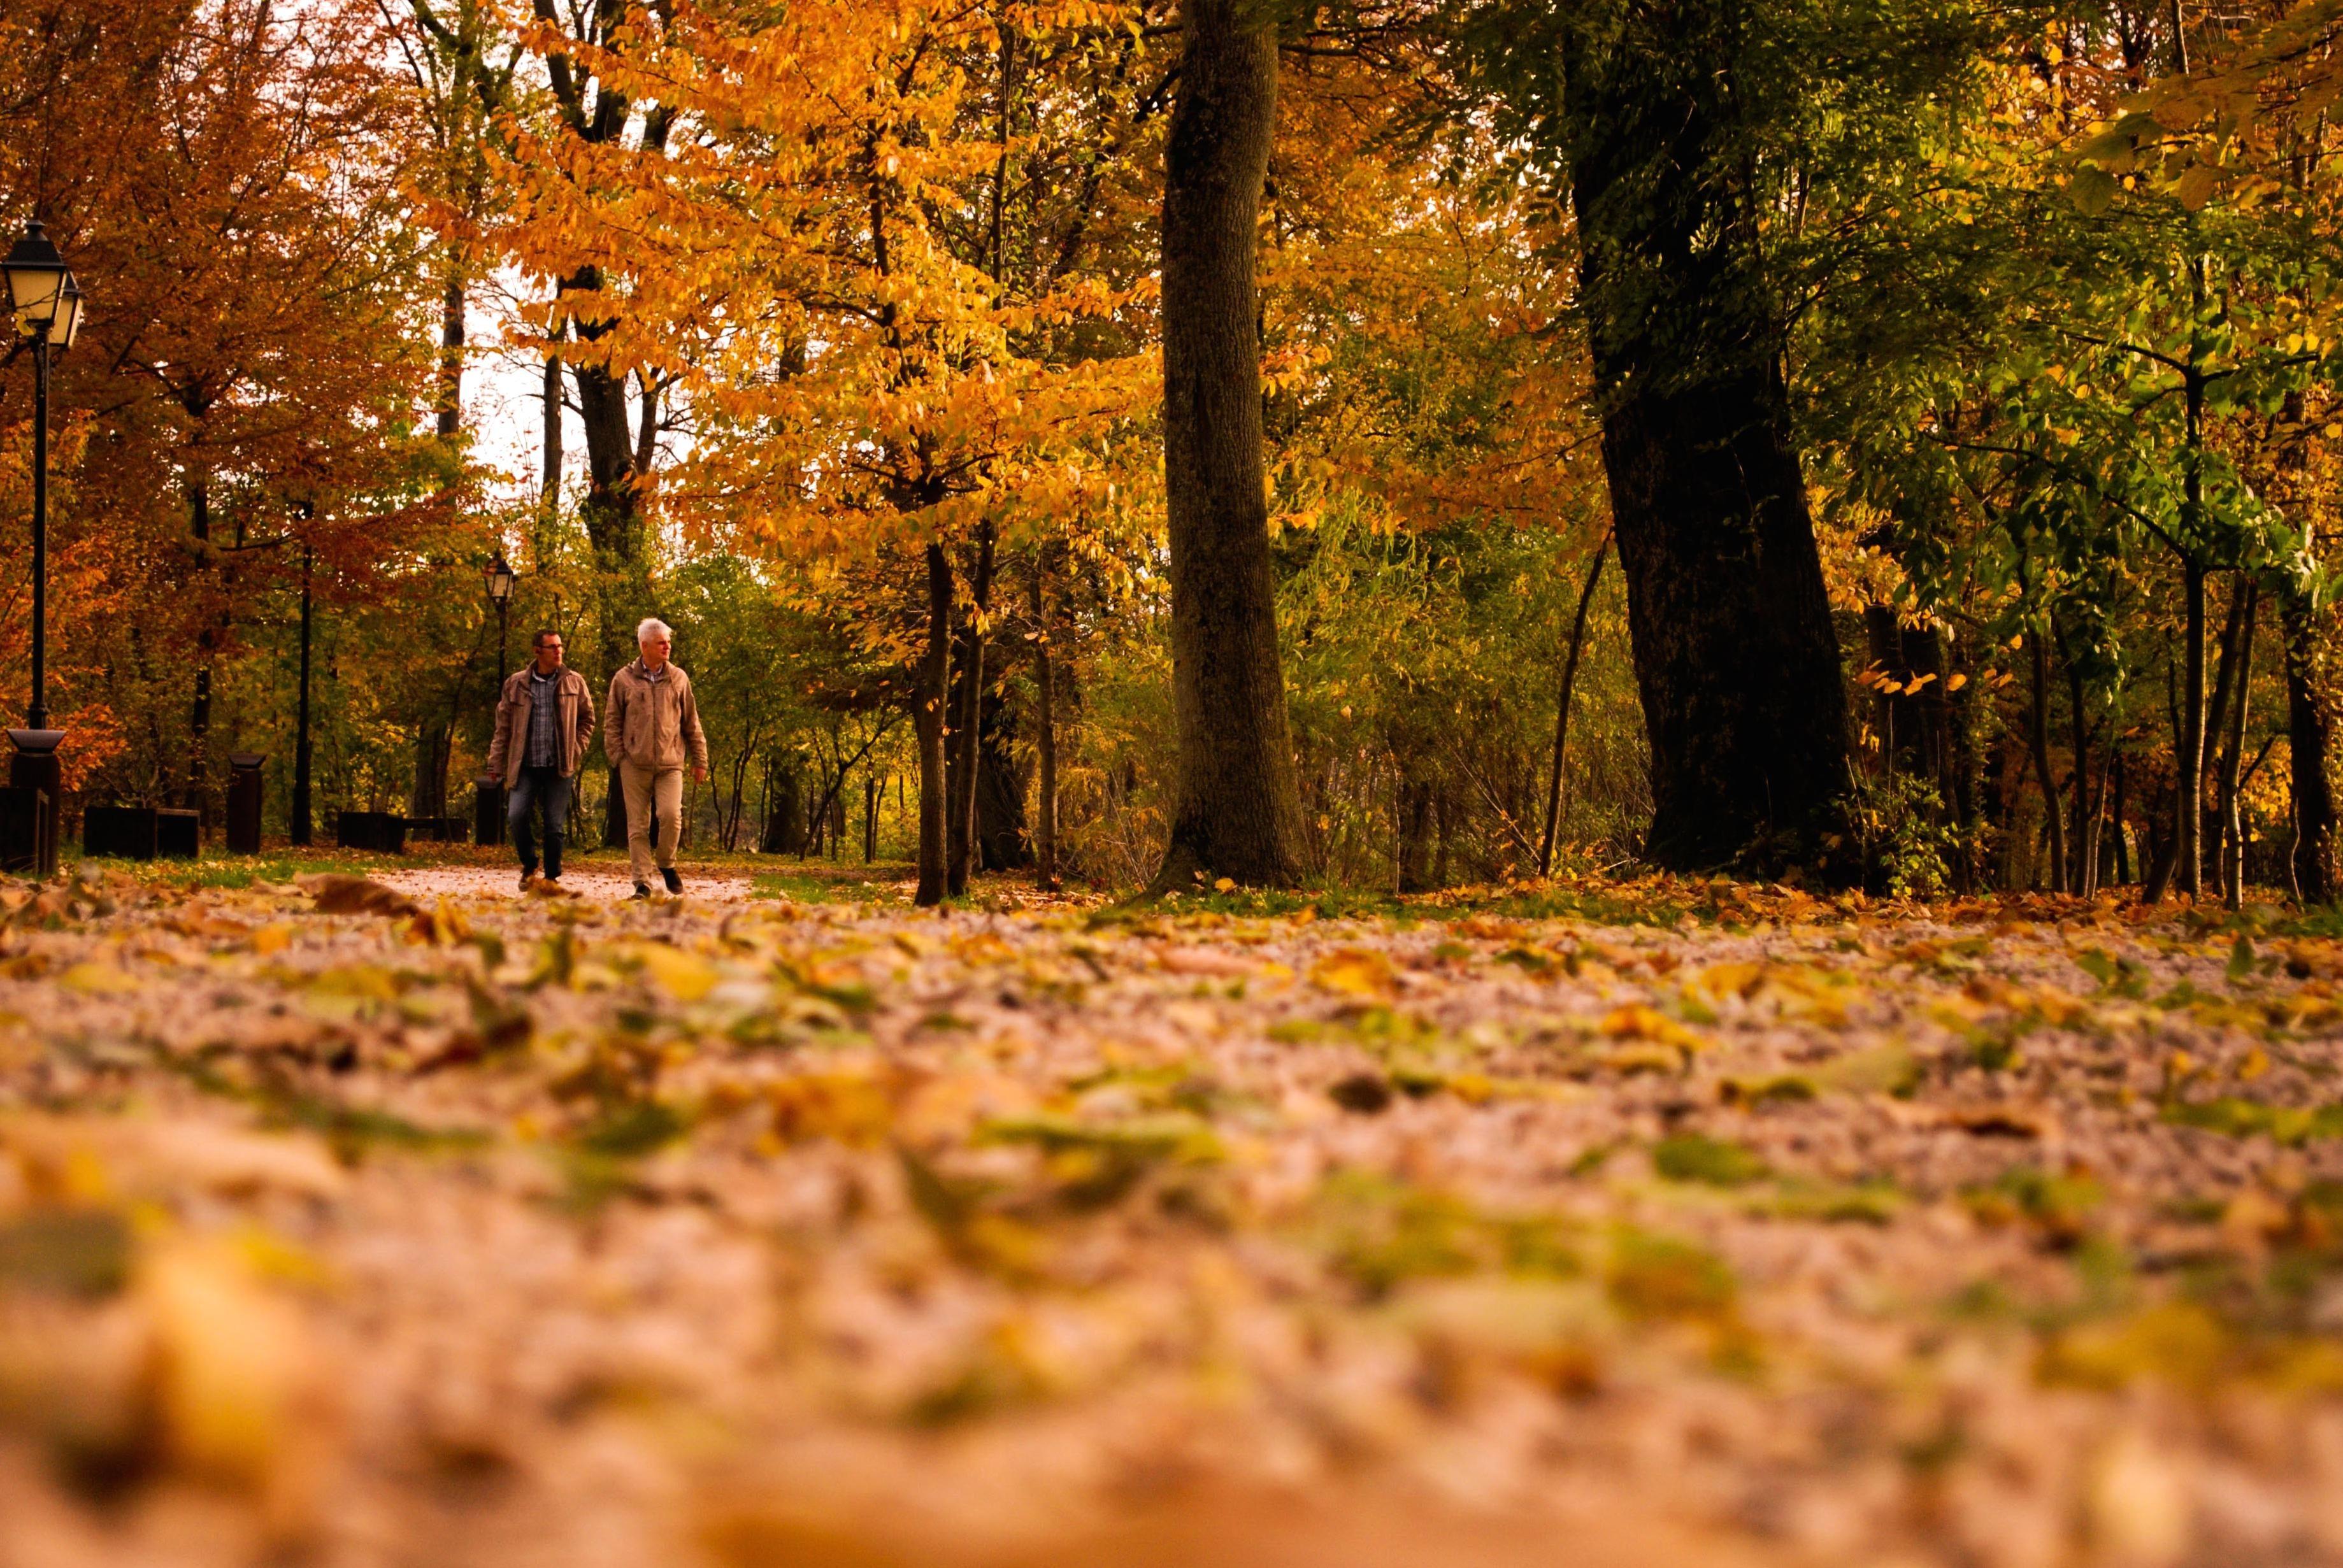 Fall Leaves Wallpaper For Desktop Imagen Gratis Gente Oto 241 O Hoja Madera 225 Rbol